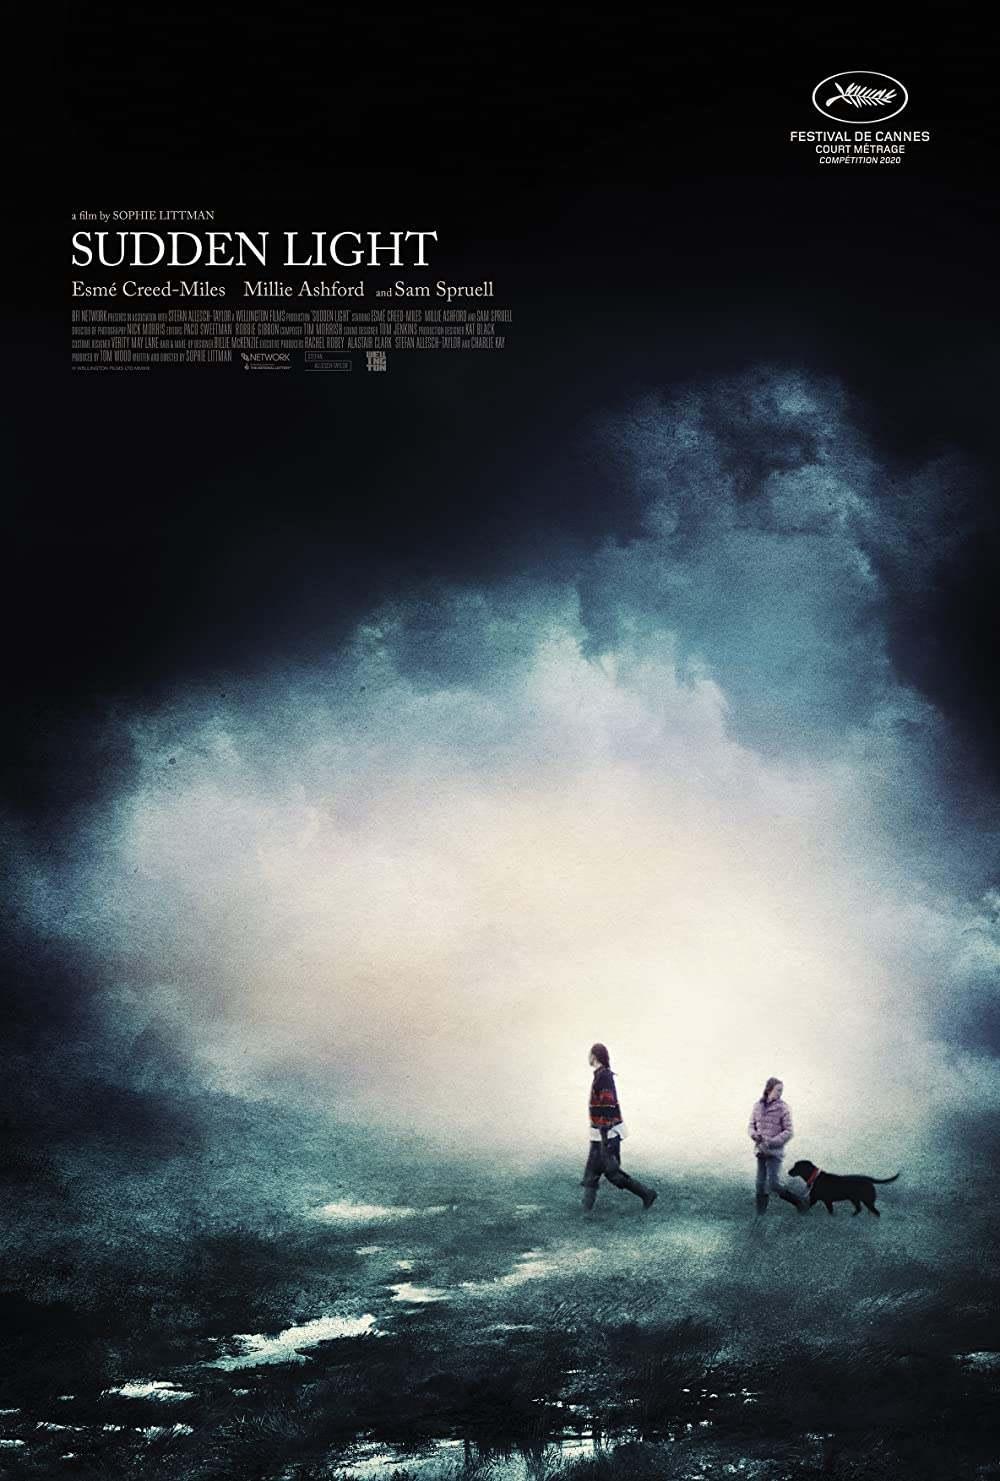 Sudden Light film poster